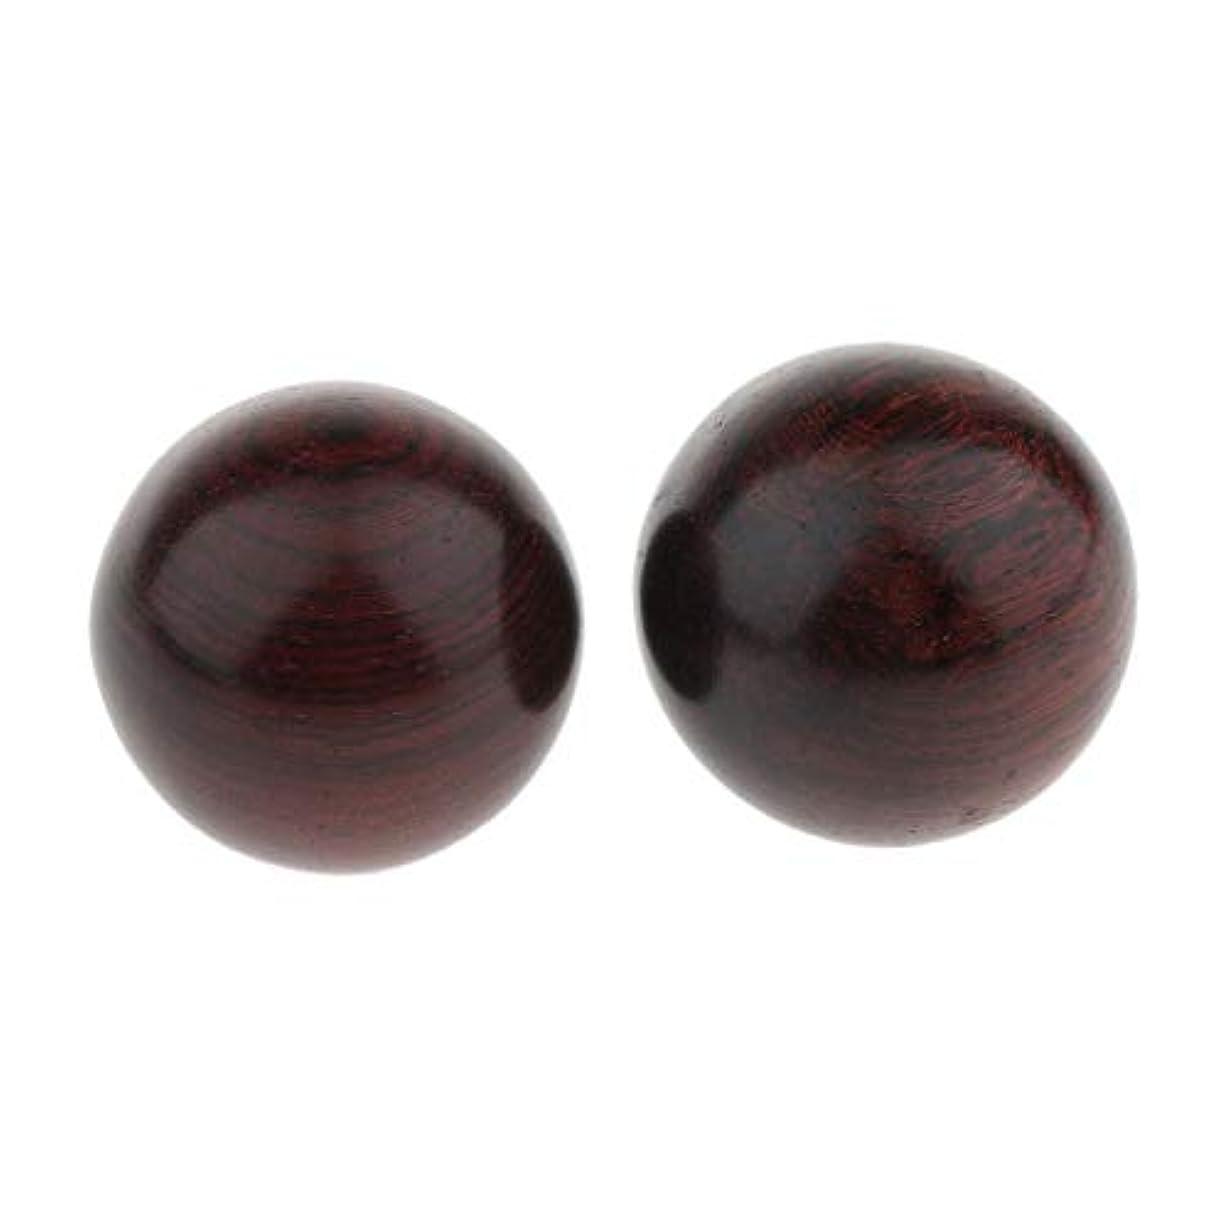 うまくいけば貸す有効Baoblaze 2個 木製ボール マッサージボール ツボ押し 手の動き 3サイズ選べ - 4.5cm, 説明のとおり